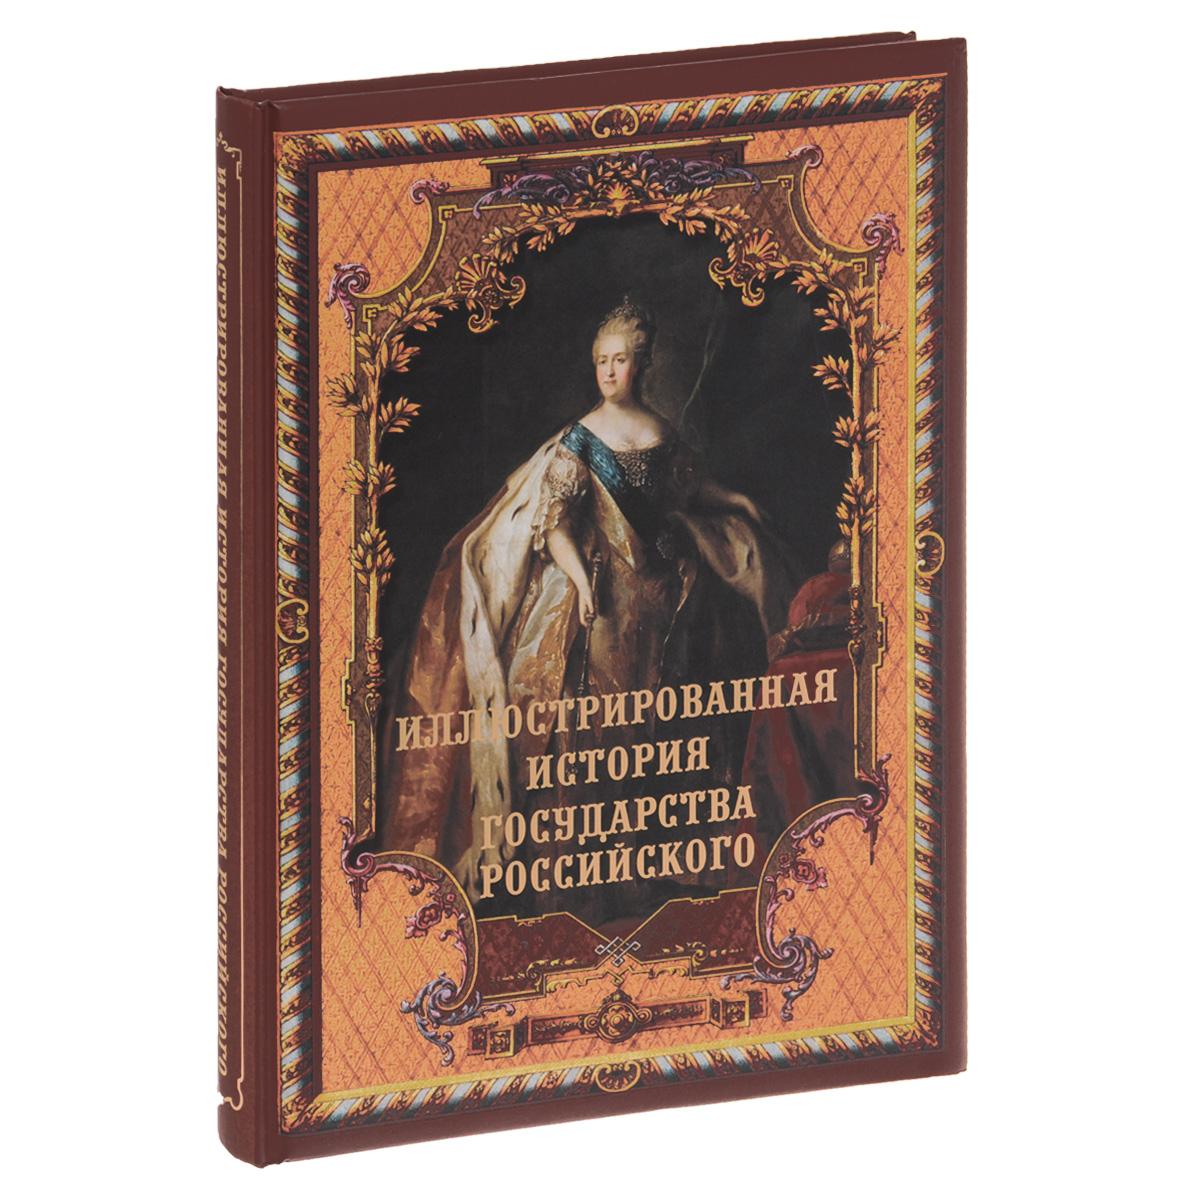 Иллюстрированная история государства российского хочу карамзина история государства российского